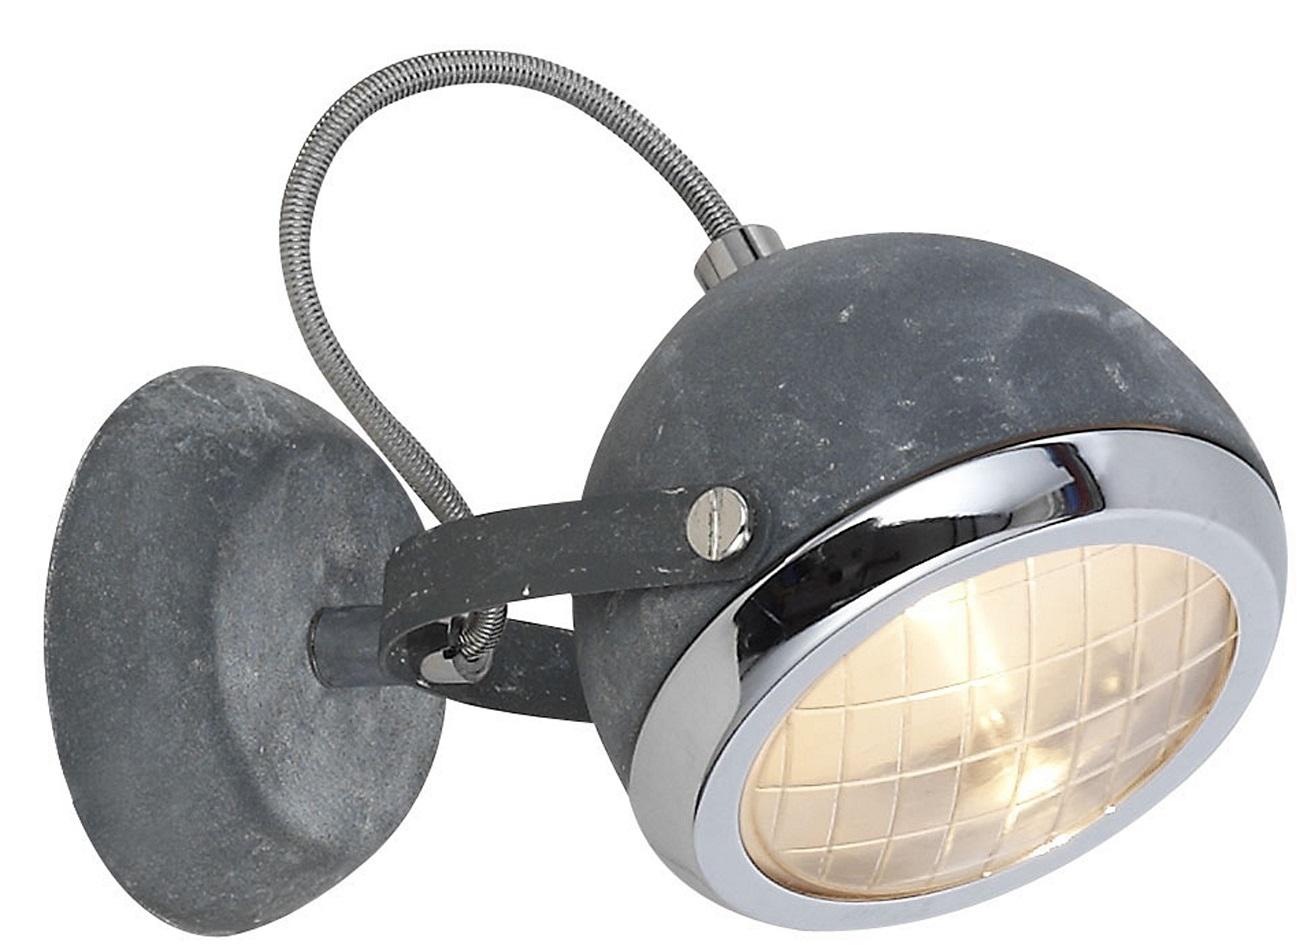 Wandlamp Relax 1xG9 max 33 Watt in grijs beton   Brilliant